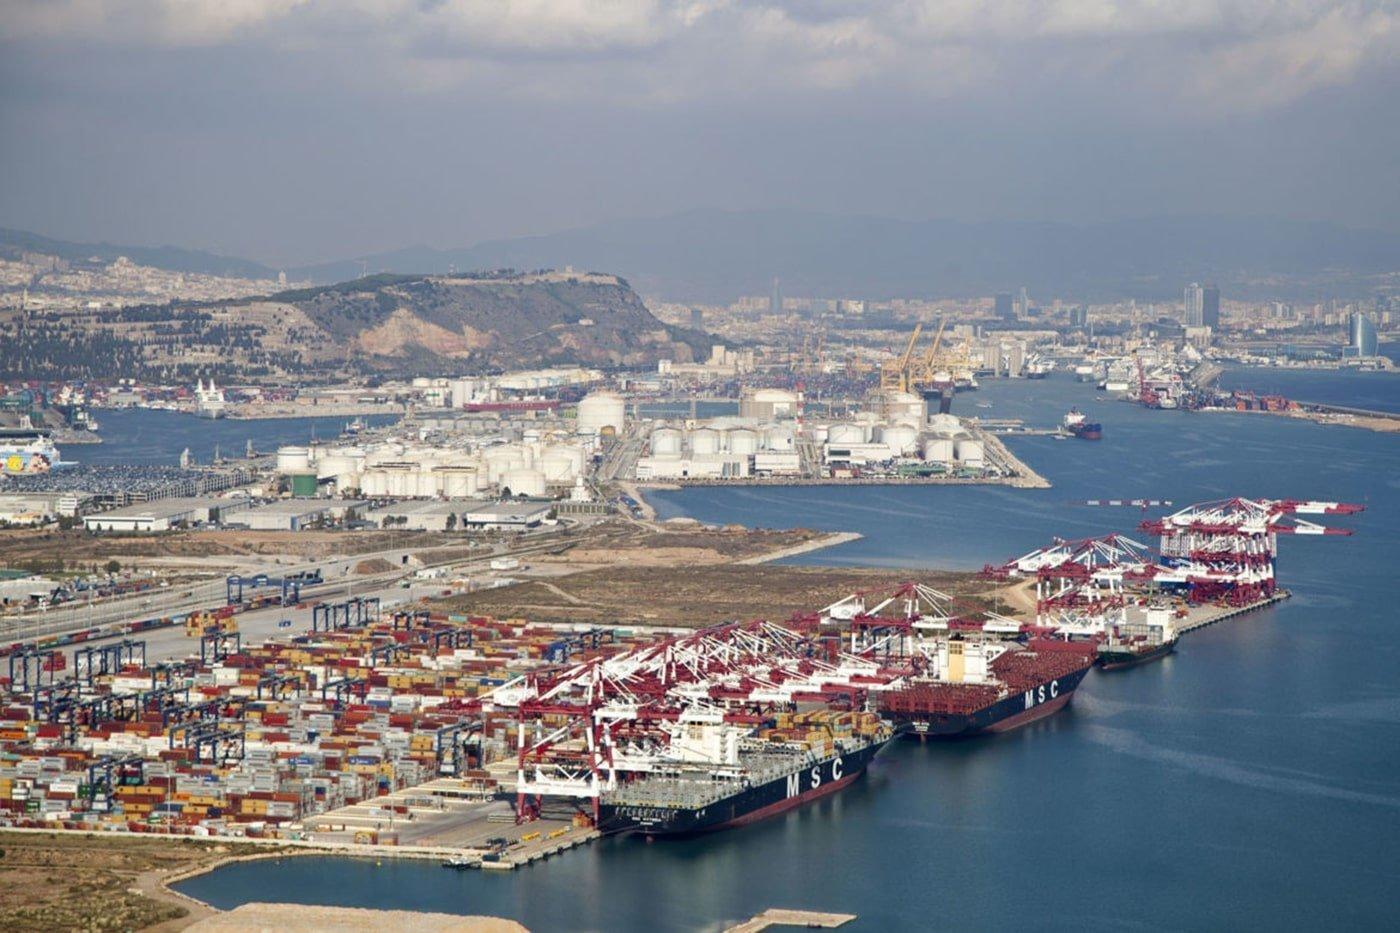 El puerto de Barcelona registra 57,6 millones de toneladas - El Canal Marítimo y Logístico